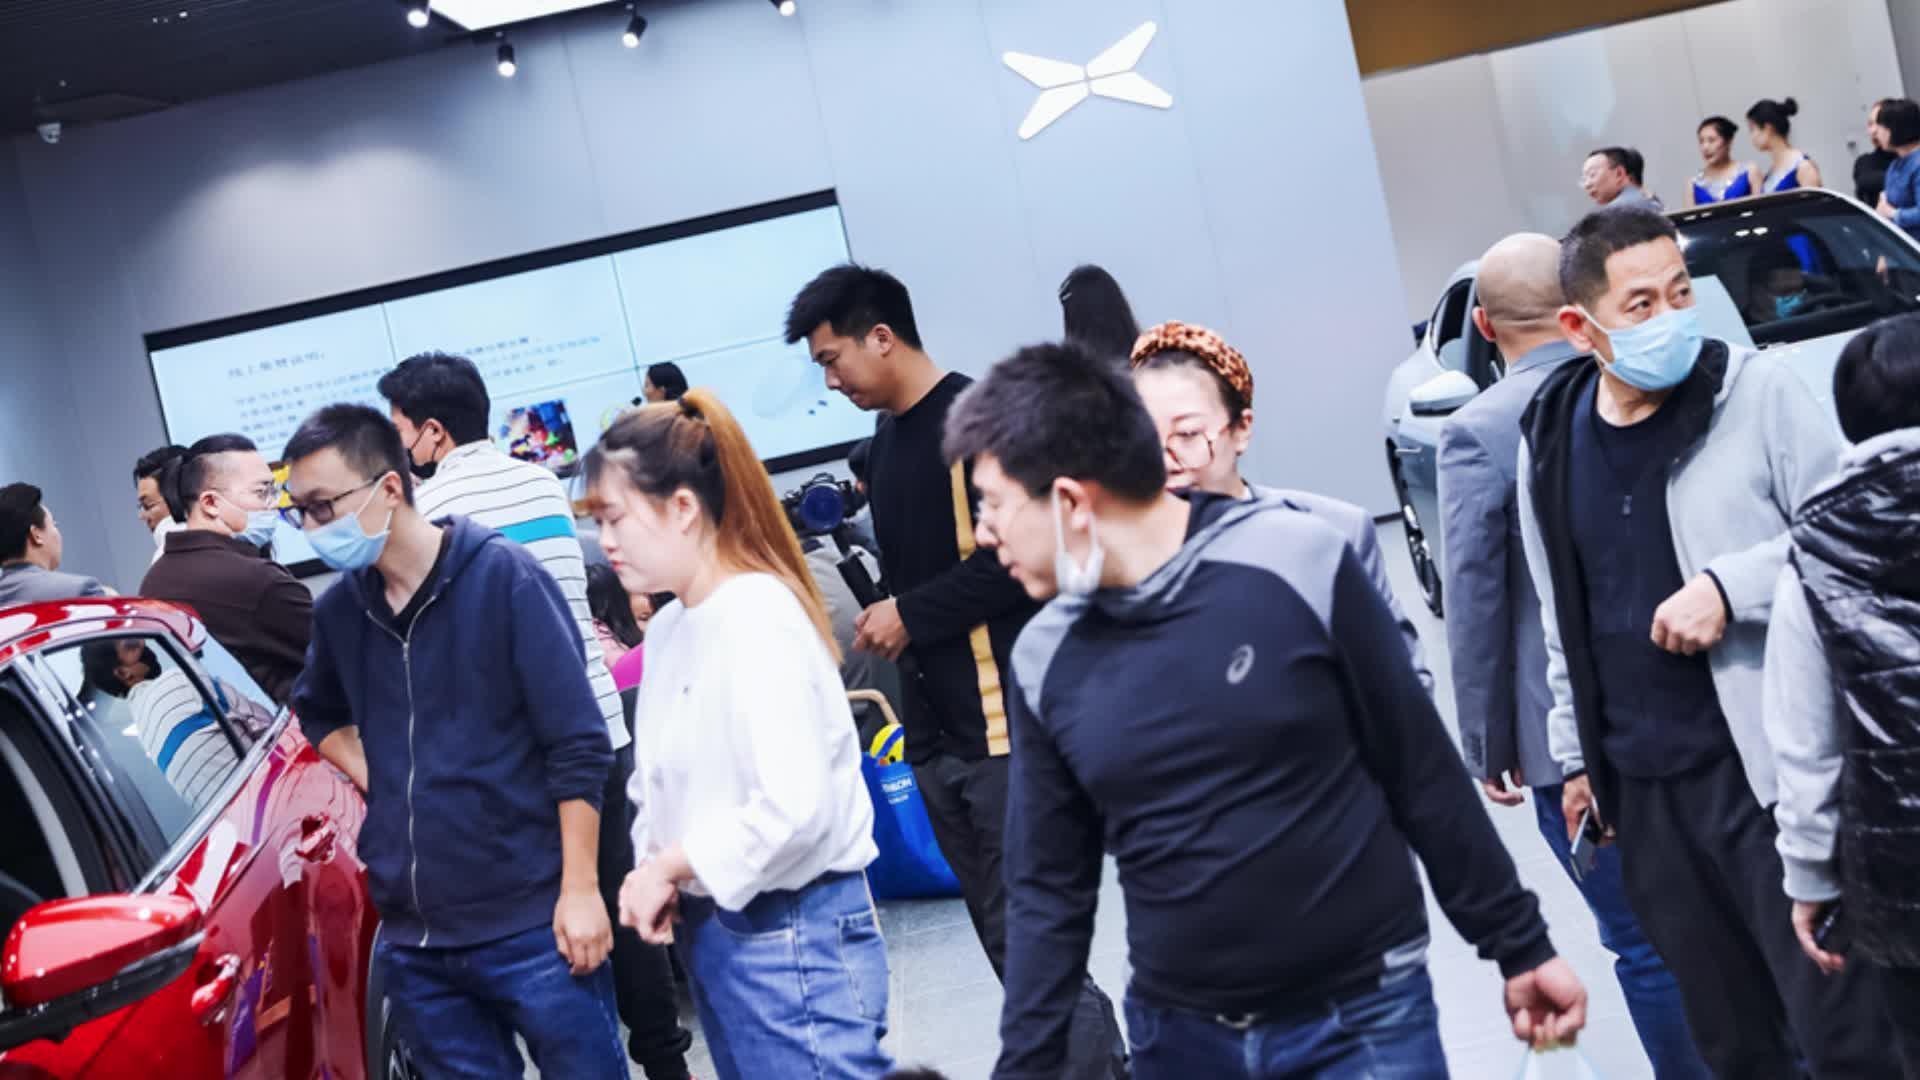 小鹏汽车5城7店联合开业,与鹏友一起欢迎更多鹏友